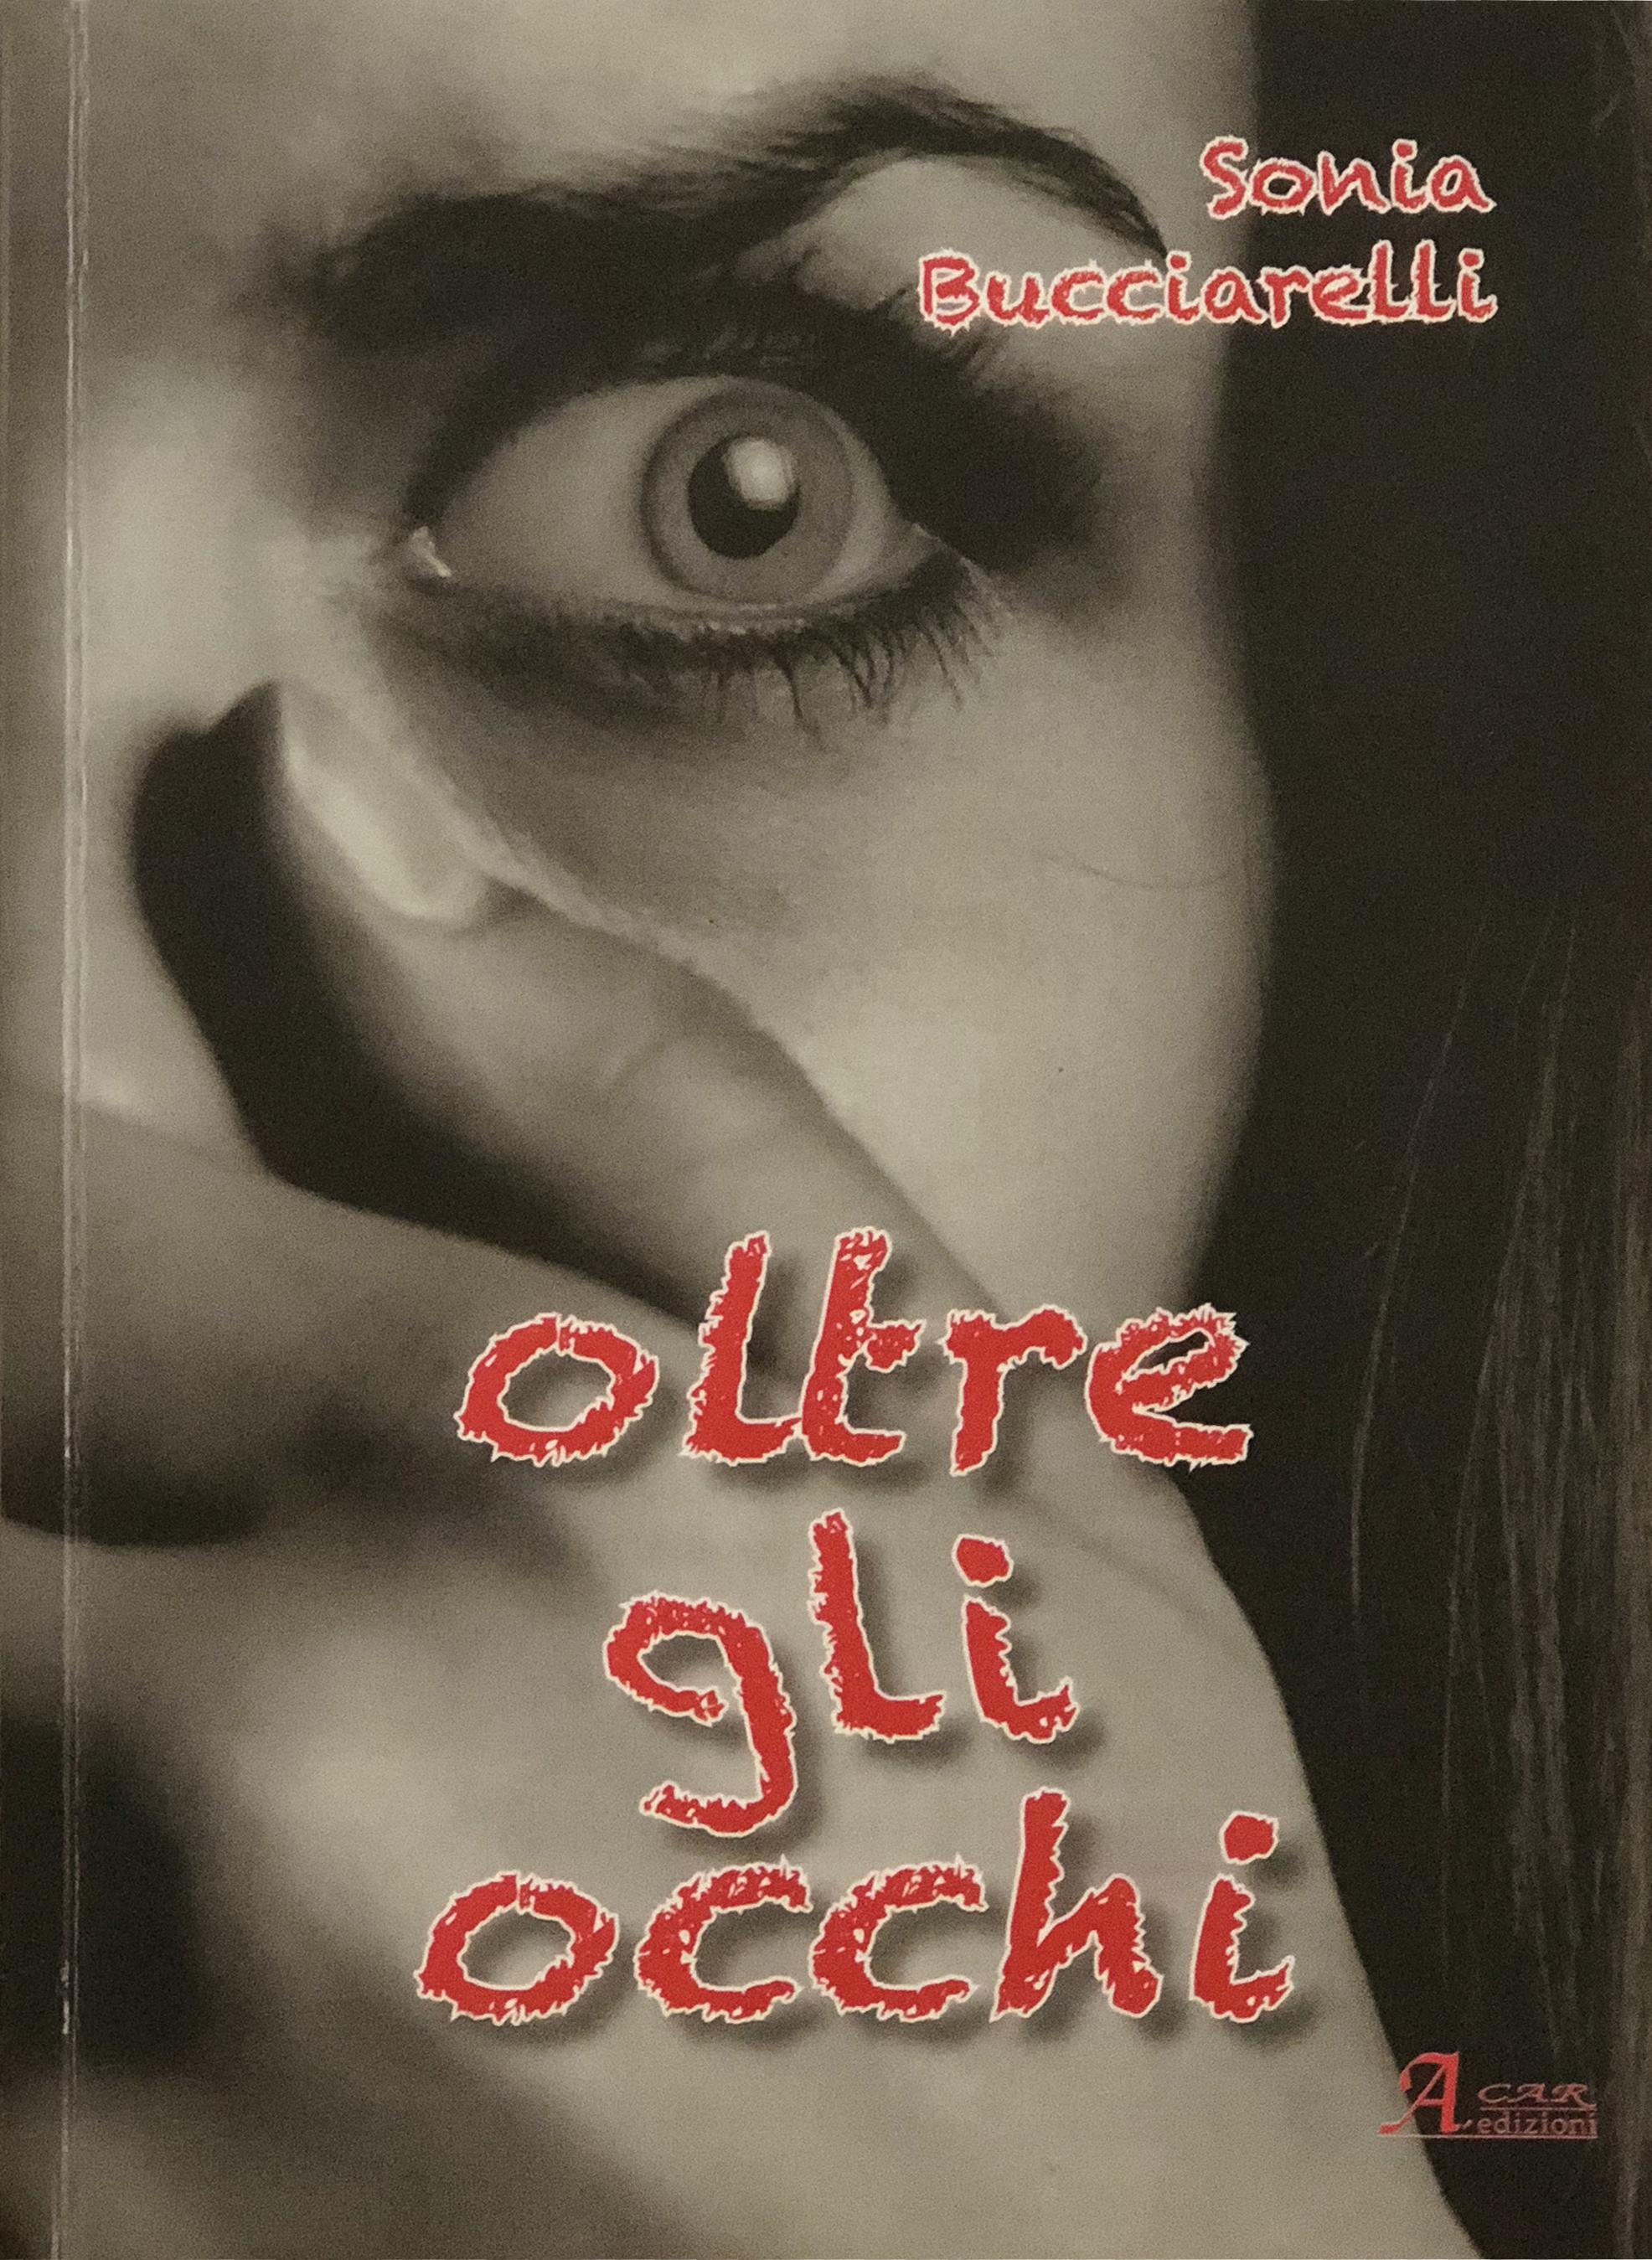 Oltre gli Occhi - Romanzo di Sonia Bucciarelli